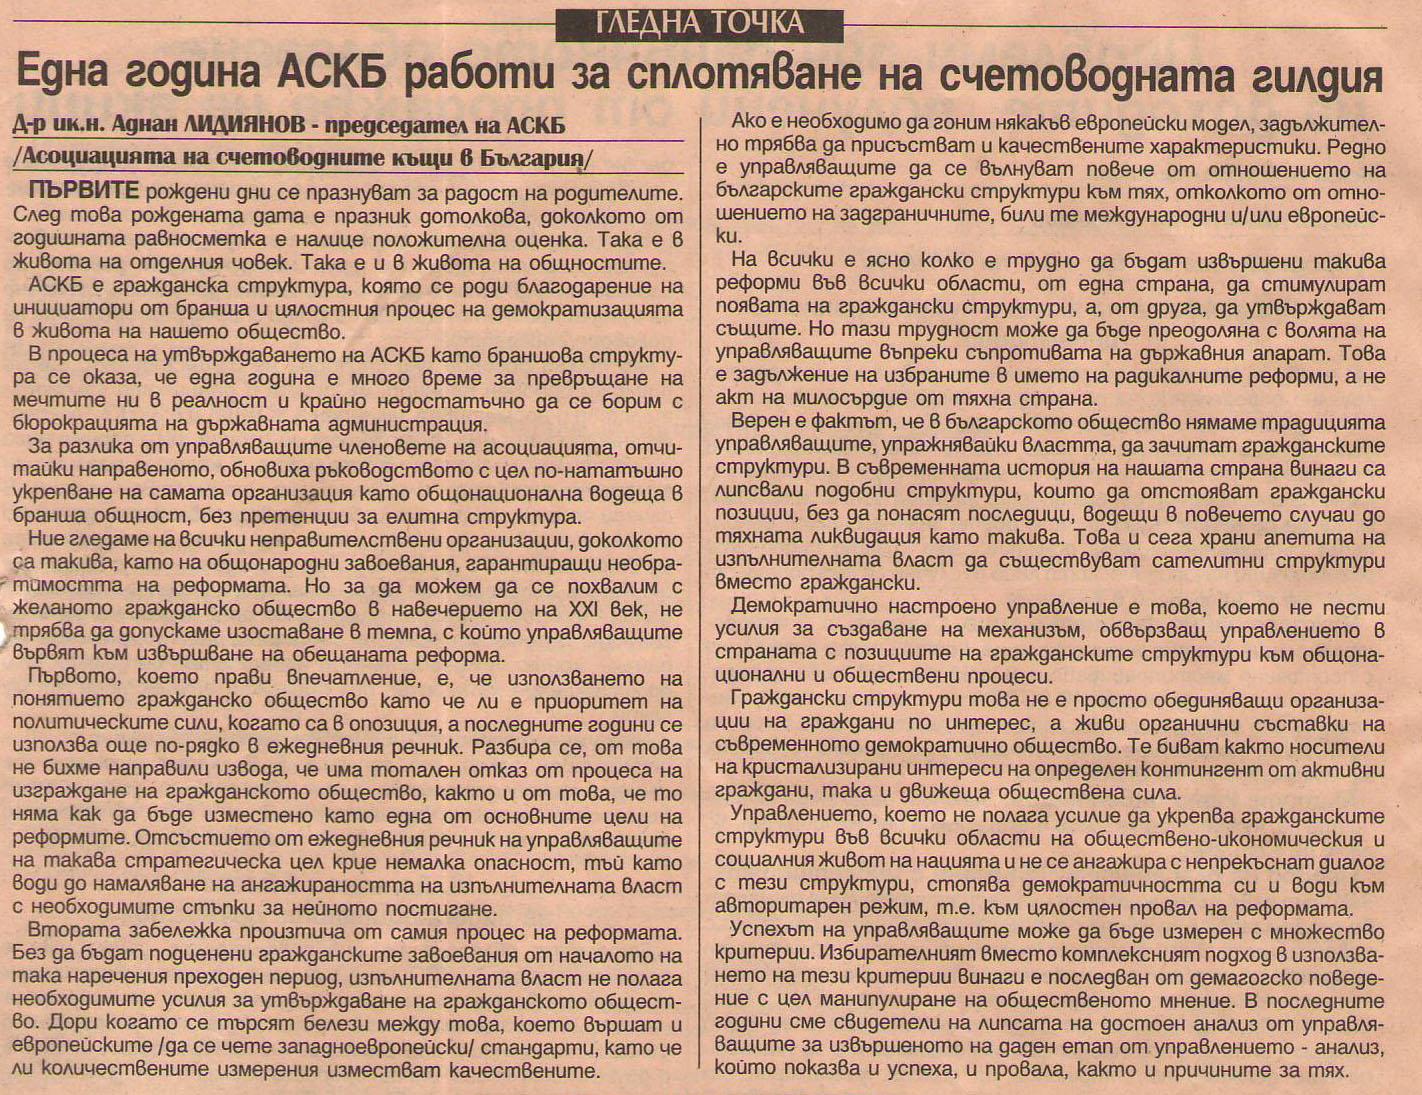 Една година АСКБ работи за сплотяване на счетоводната гилдия